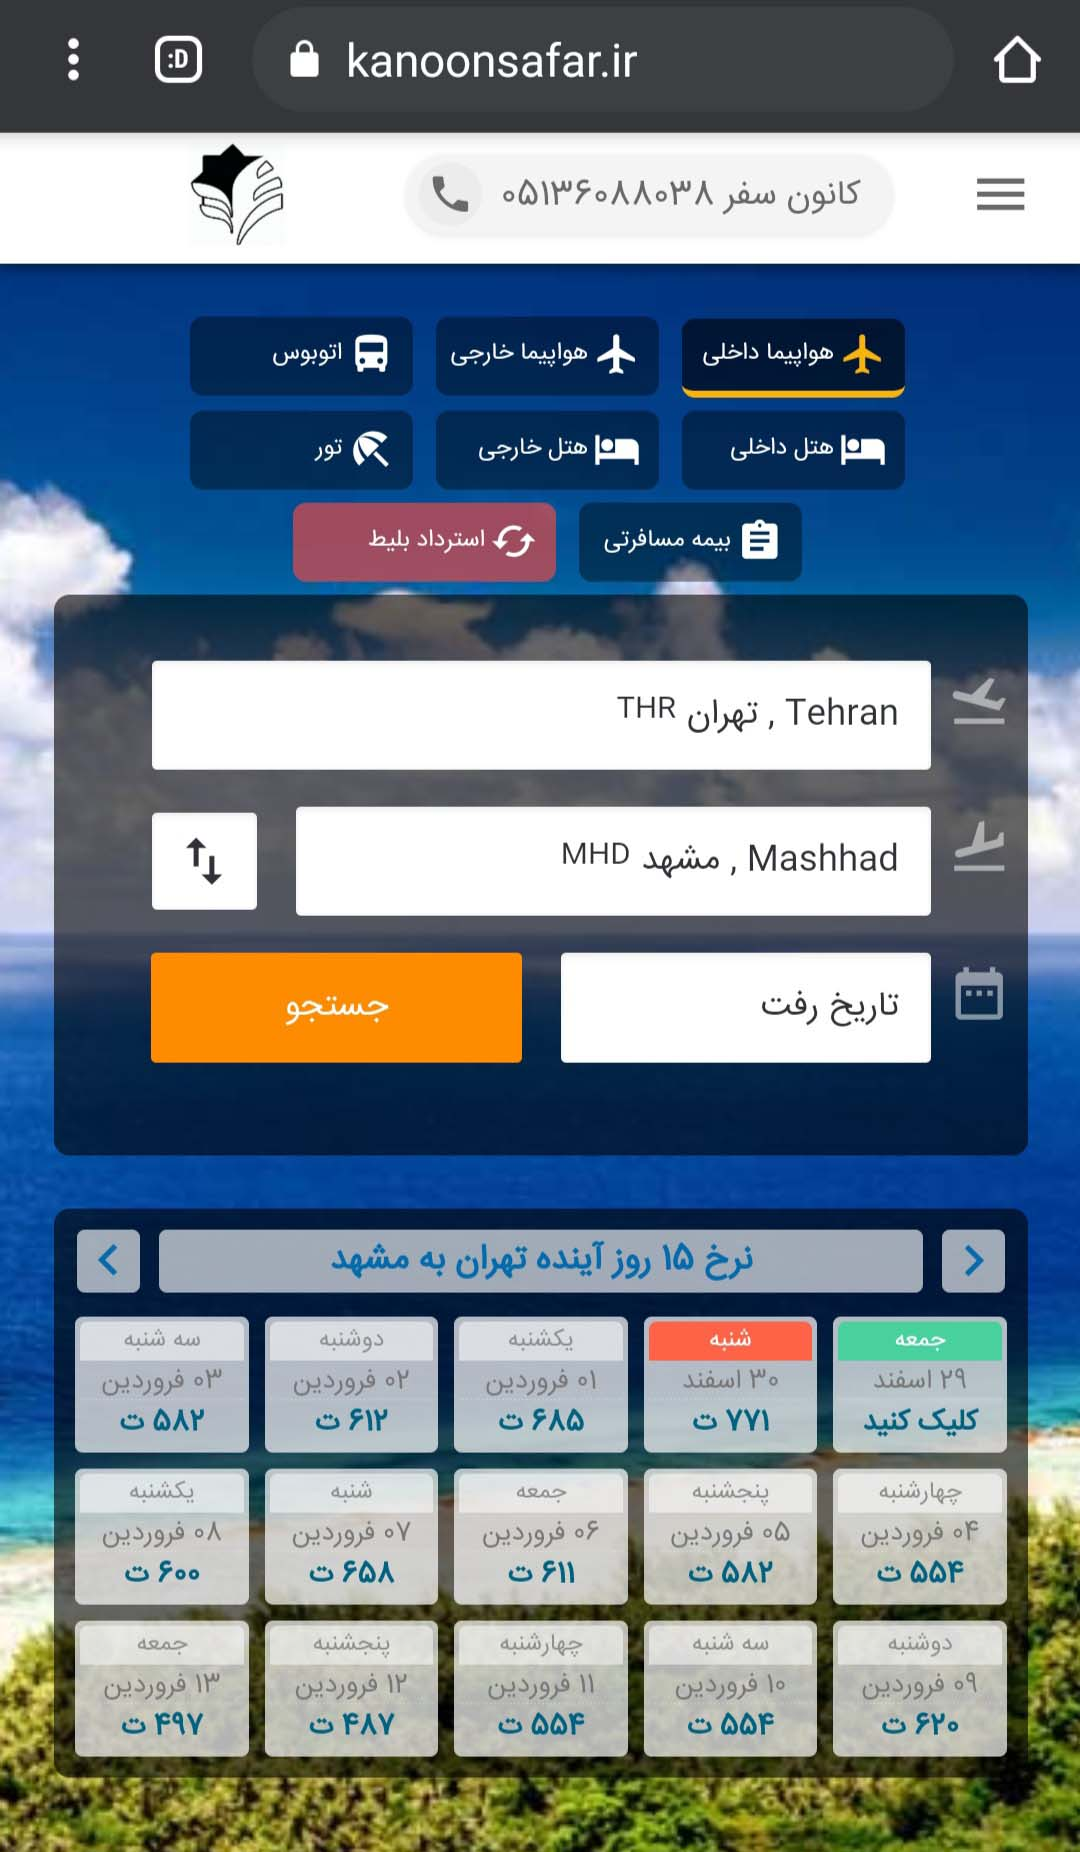 کانون سفر ، خرید آنلاین بلیط هواپیما ، قطار ، اتوبوس ، هتل و تور